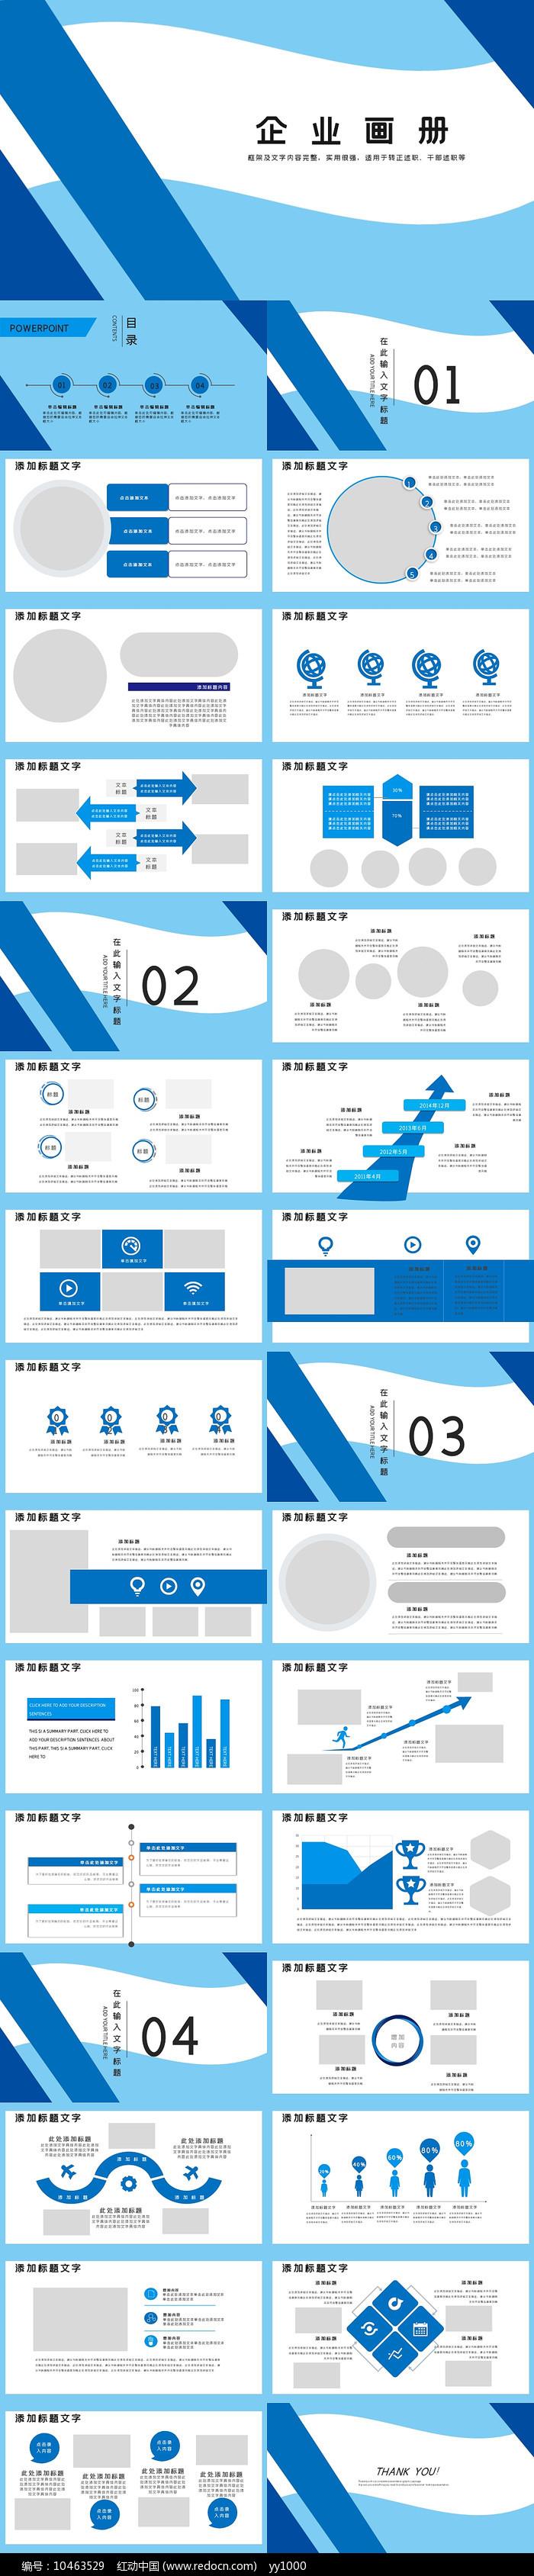 2019蓝色企业画册PPT模板图片